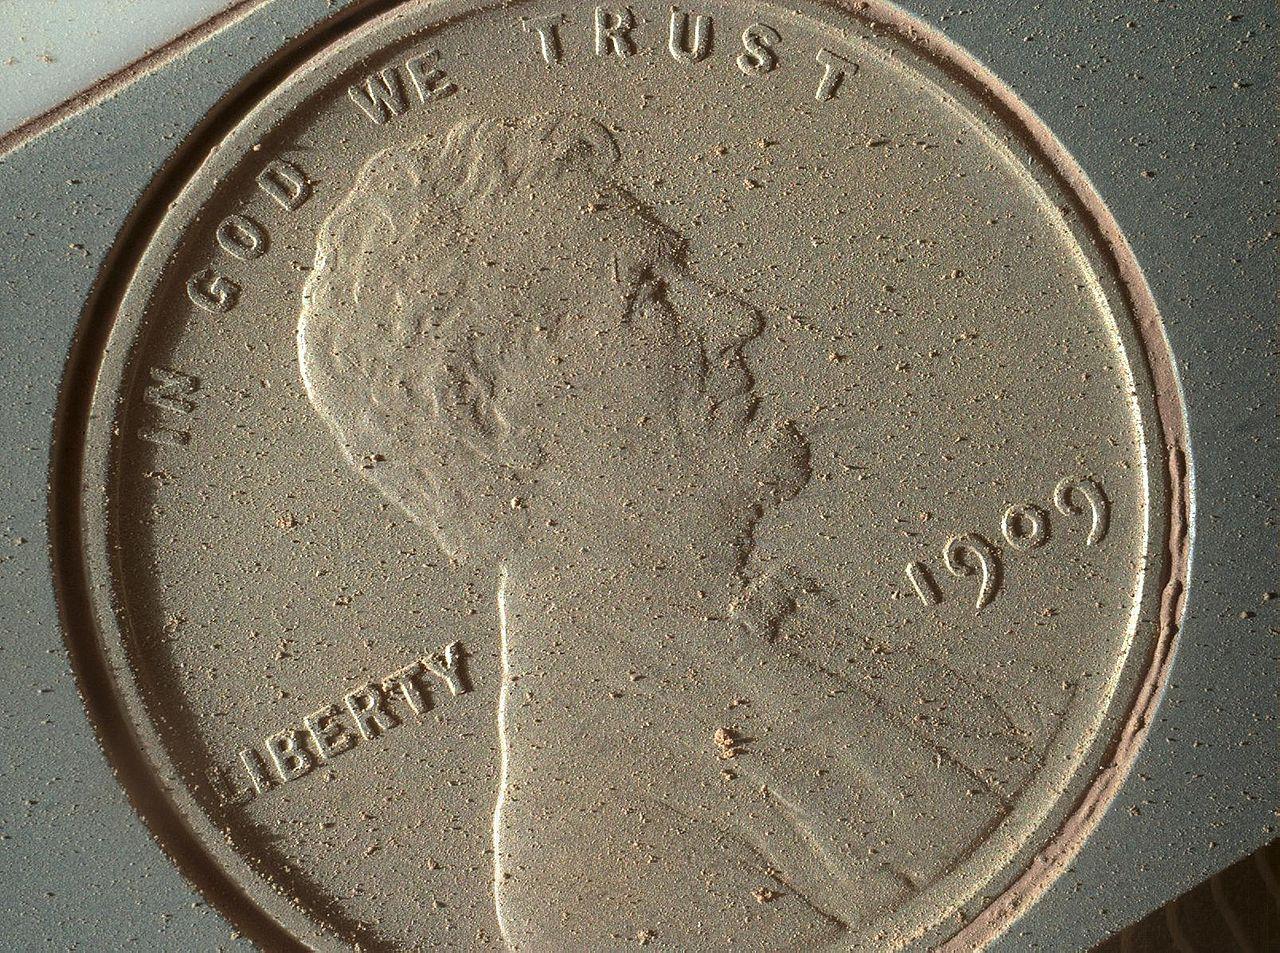 """Vieno JAV cento vertės moneta marsaeigyje """"Curiosity"""". Ji naudojama vaizdo objektyvų kalibravimui. NASA nuotr."""